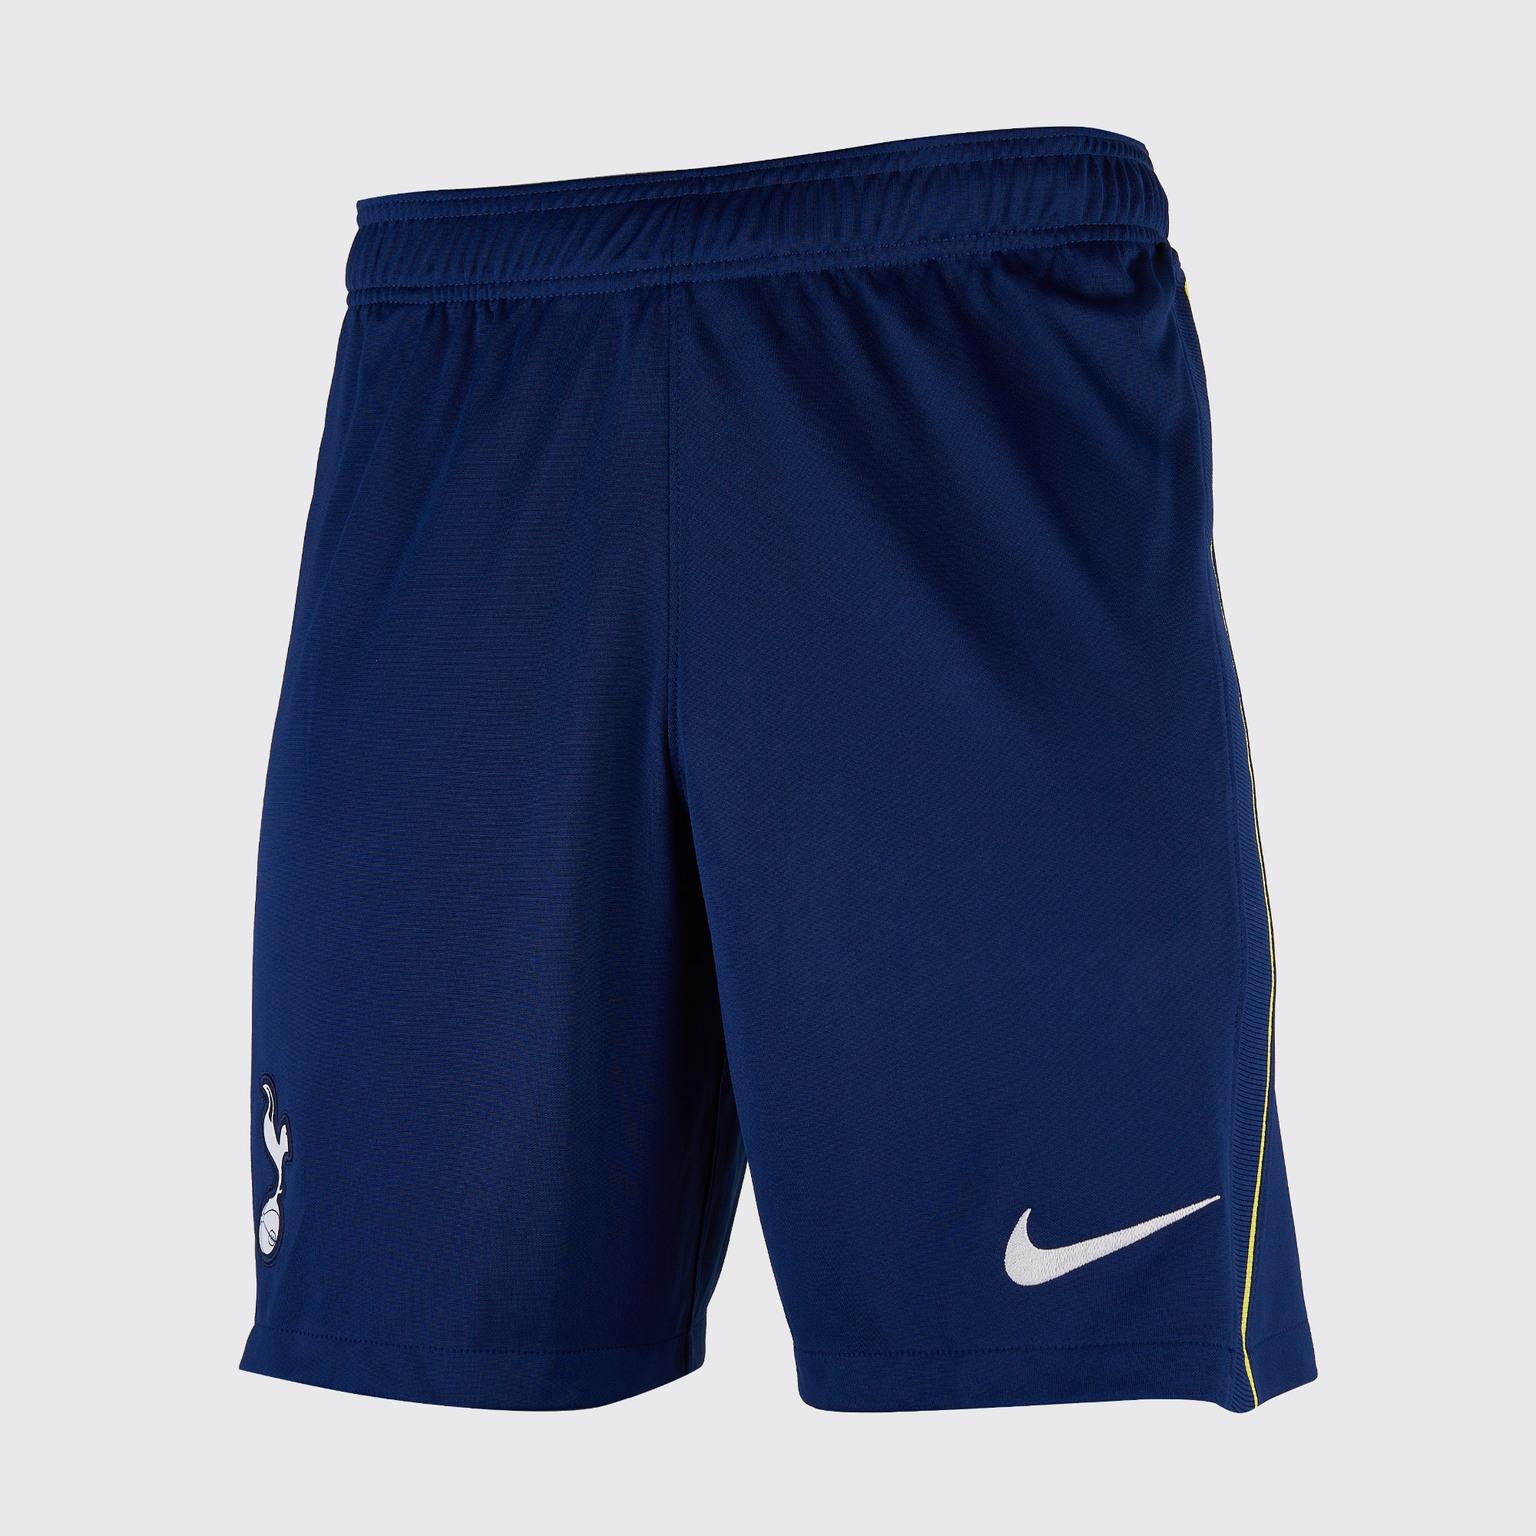 Шорты игровые Nike Tottenham Home/Away сезон 2020/21